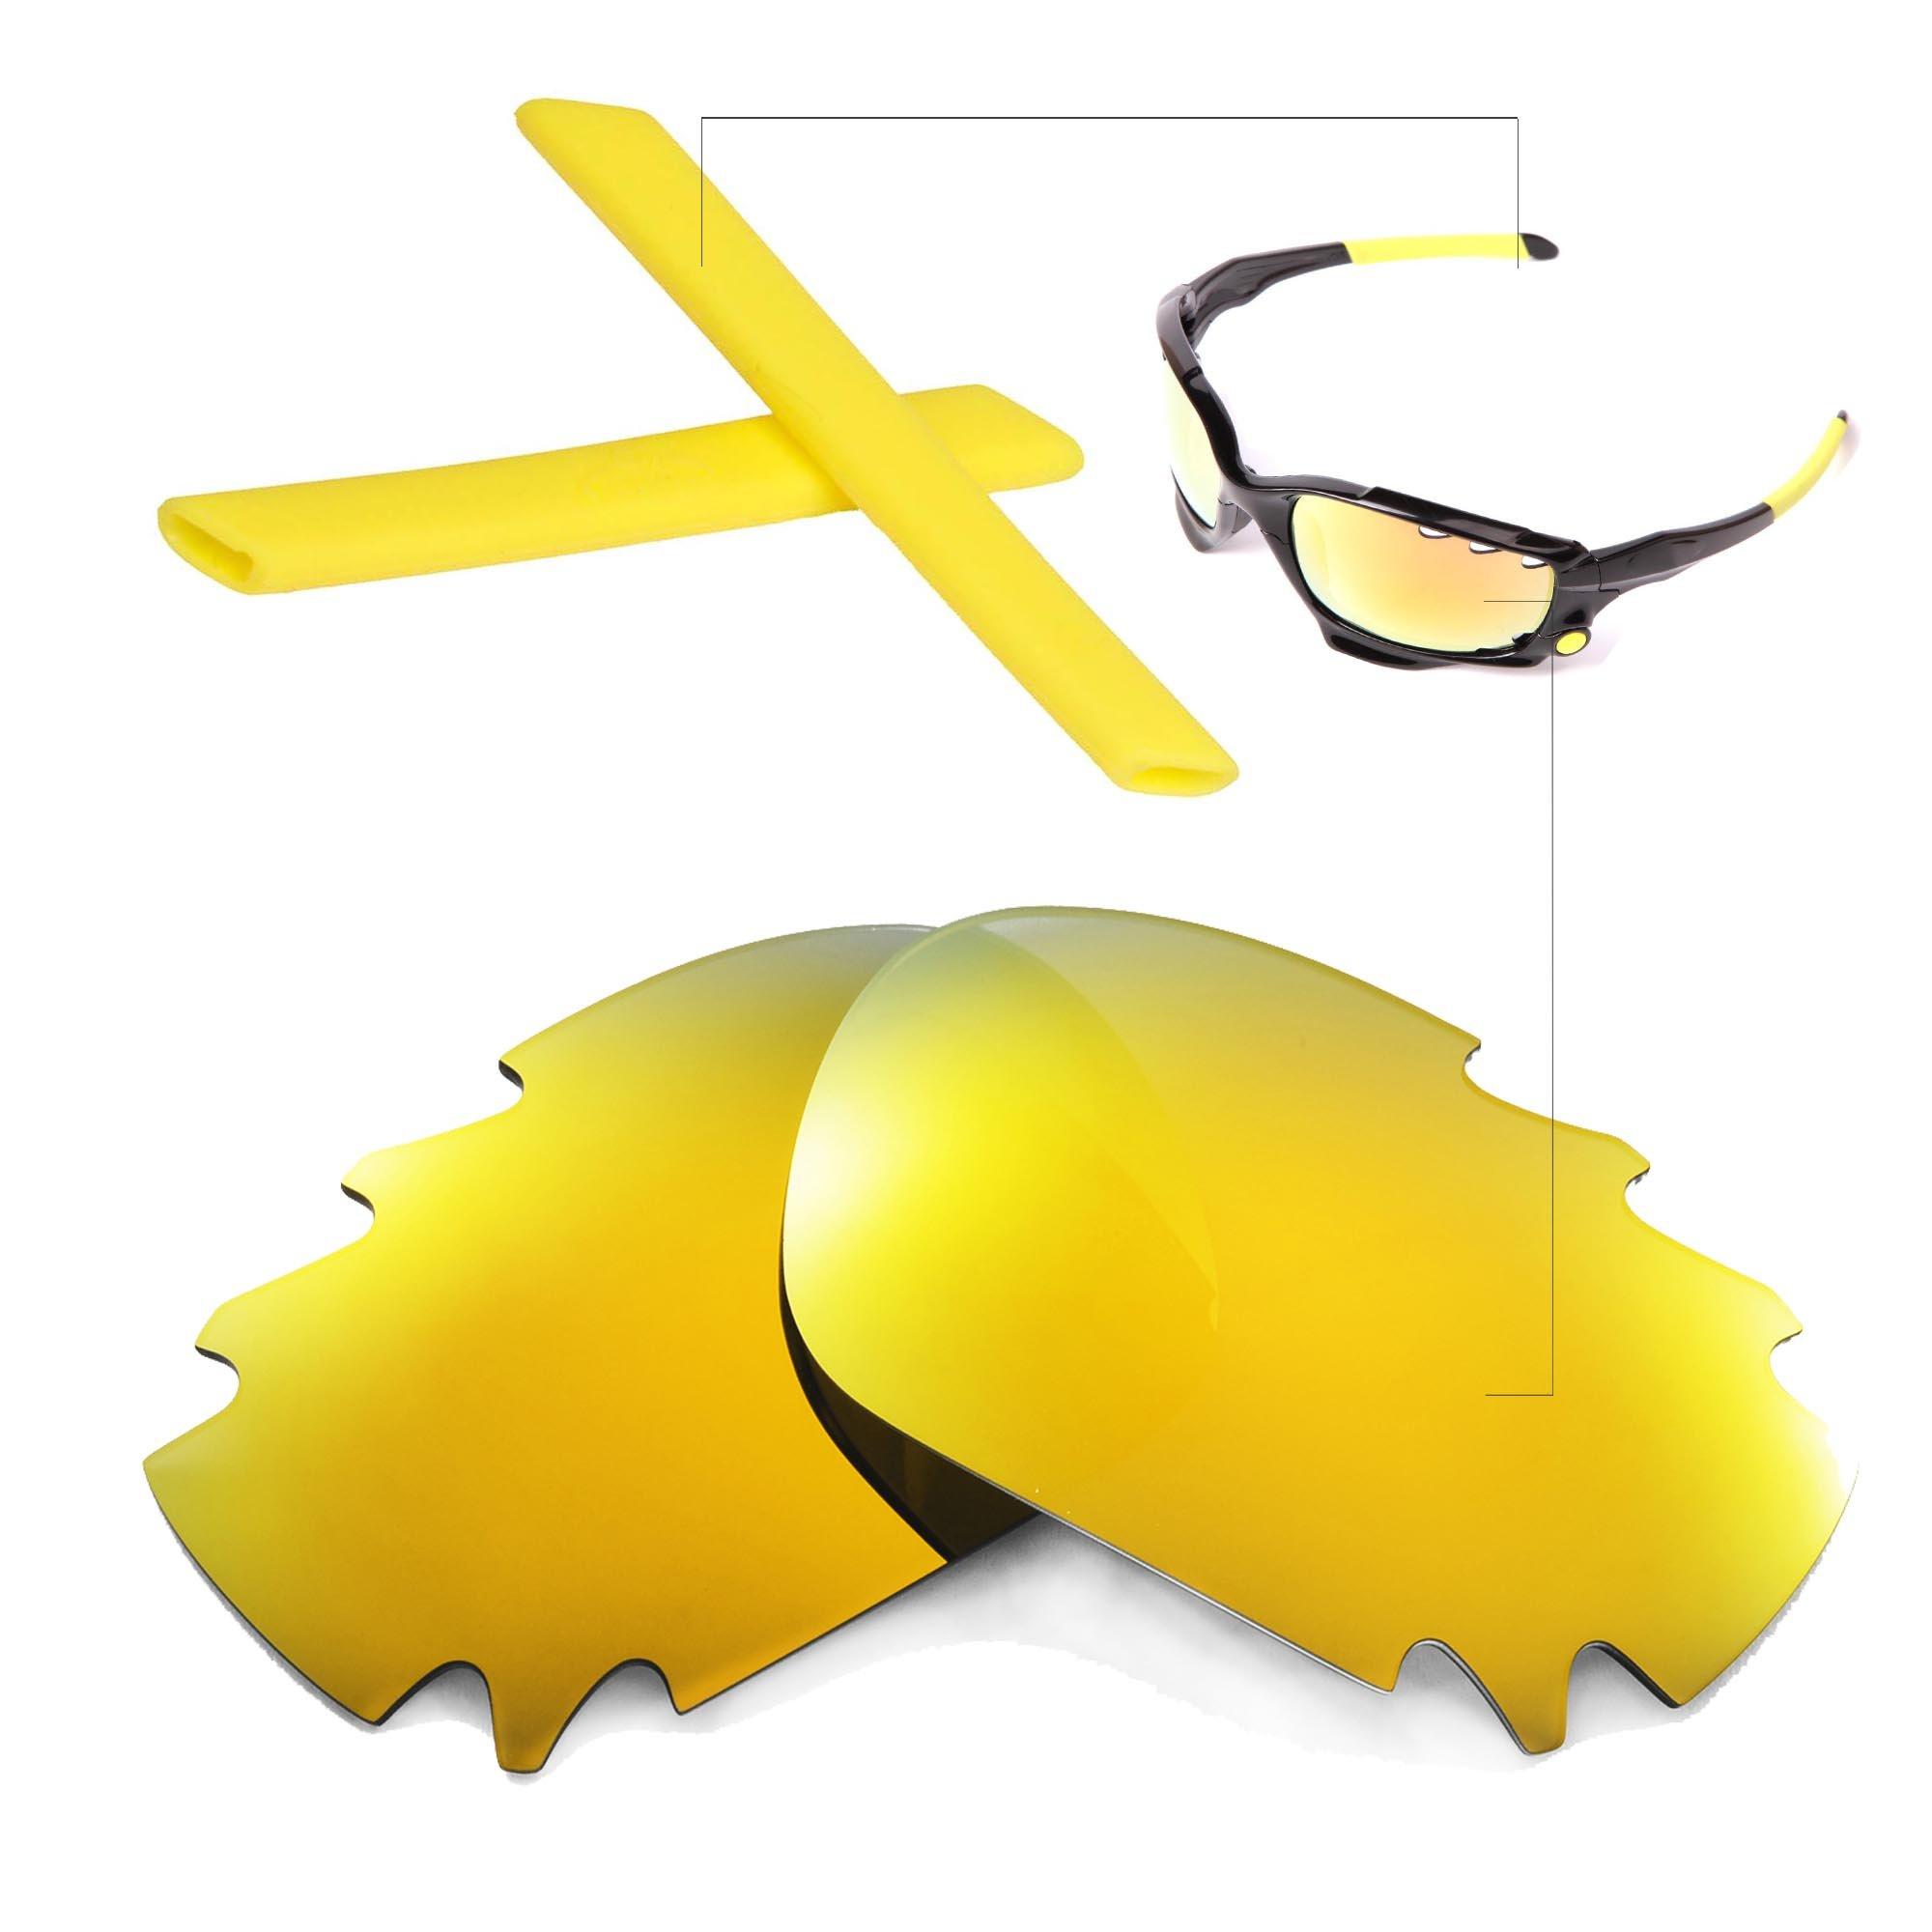 Walleva Polarized Vented Lenses And Rubber Kit(Earsocks+Nosepads) For Oakley Jawbone (24K Gold Mirror Coated Polarized Lenses + Yellow Rubber)